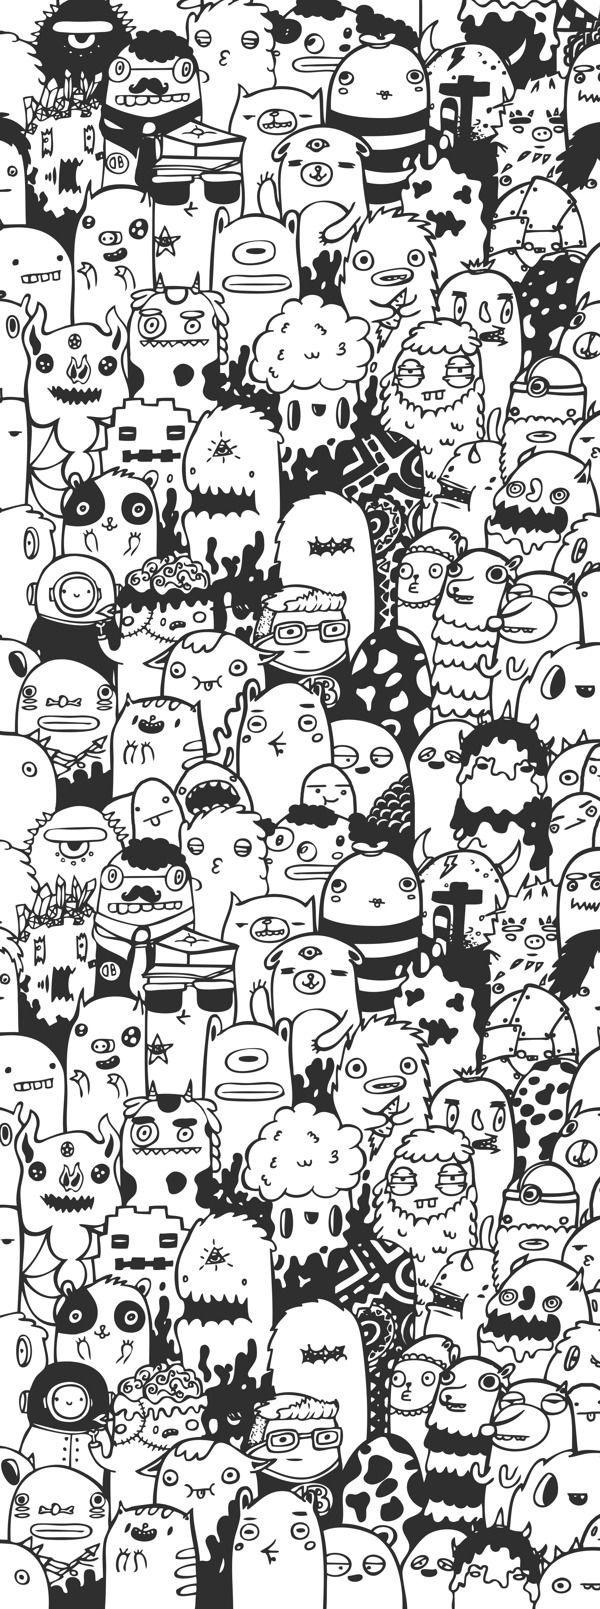 Doodle Art by Doodle Bros, via Behance